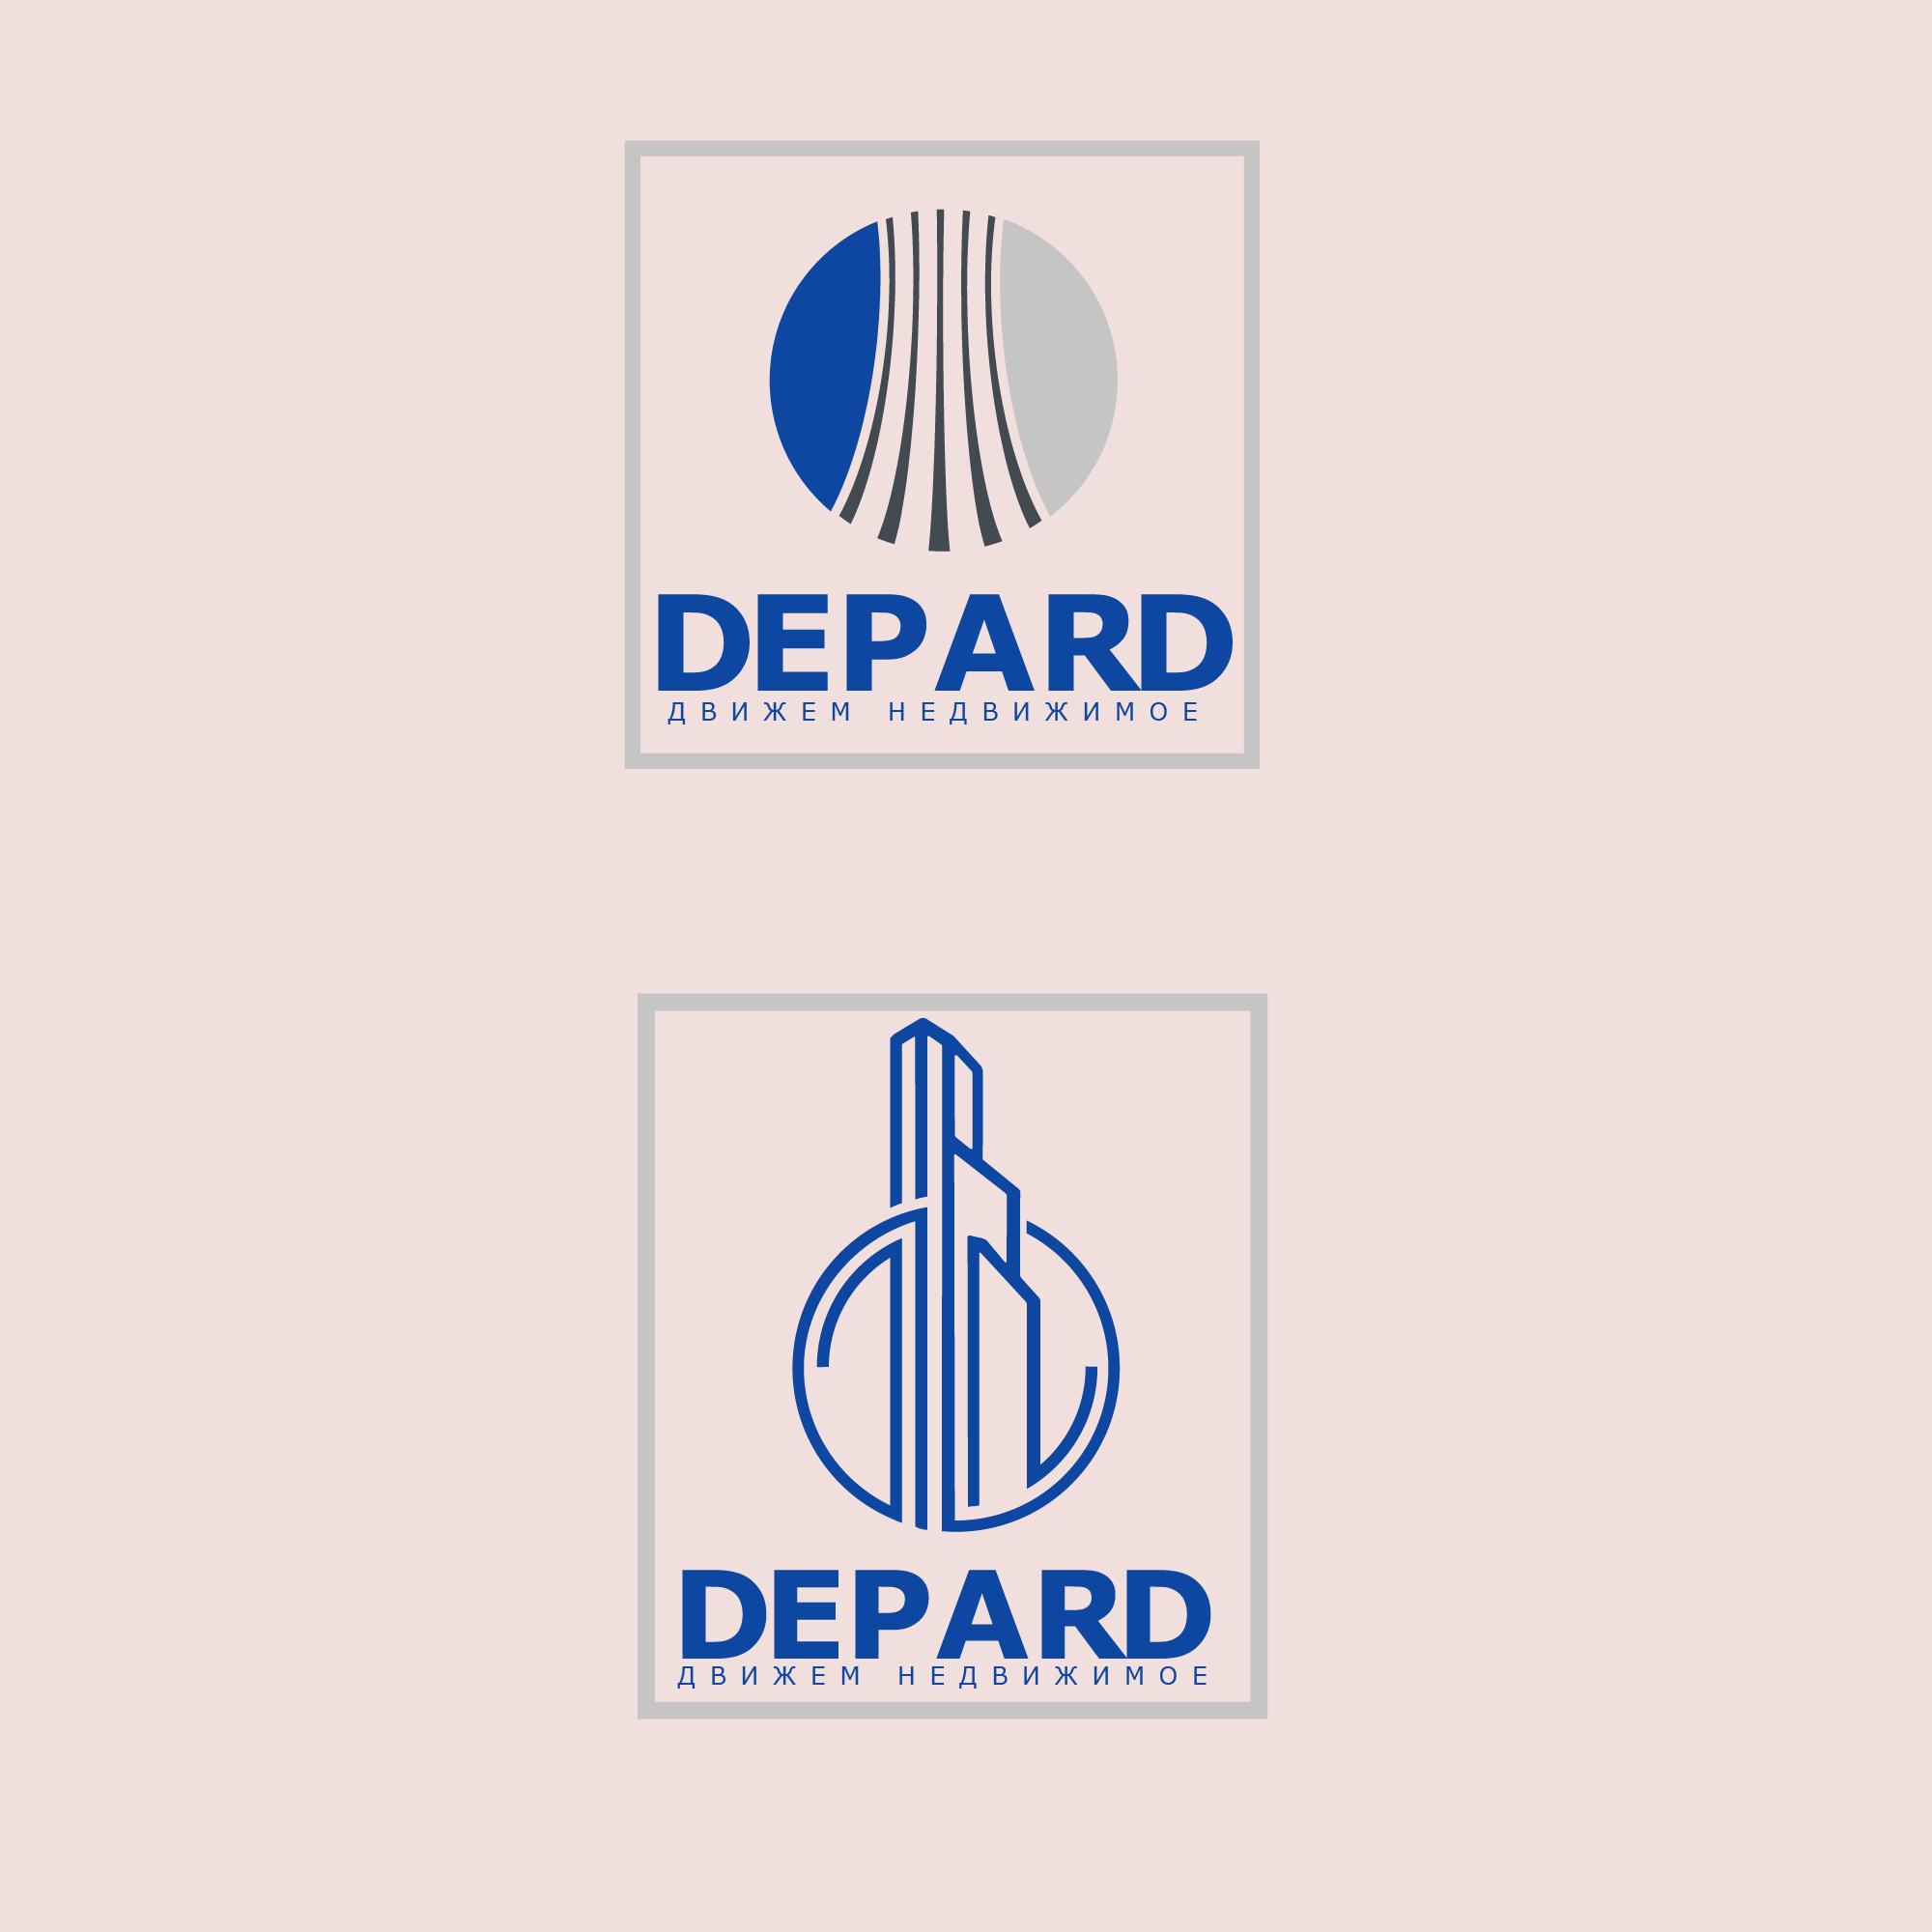 Логотип для компании (услуги недвижимость) фото f_50259327d855b340.jpg